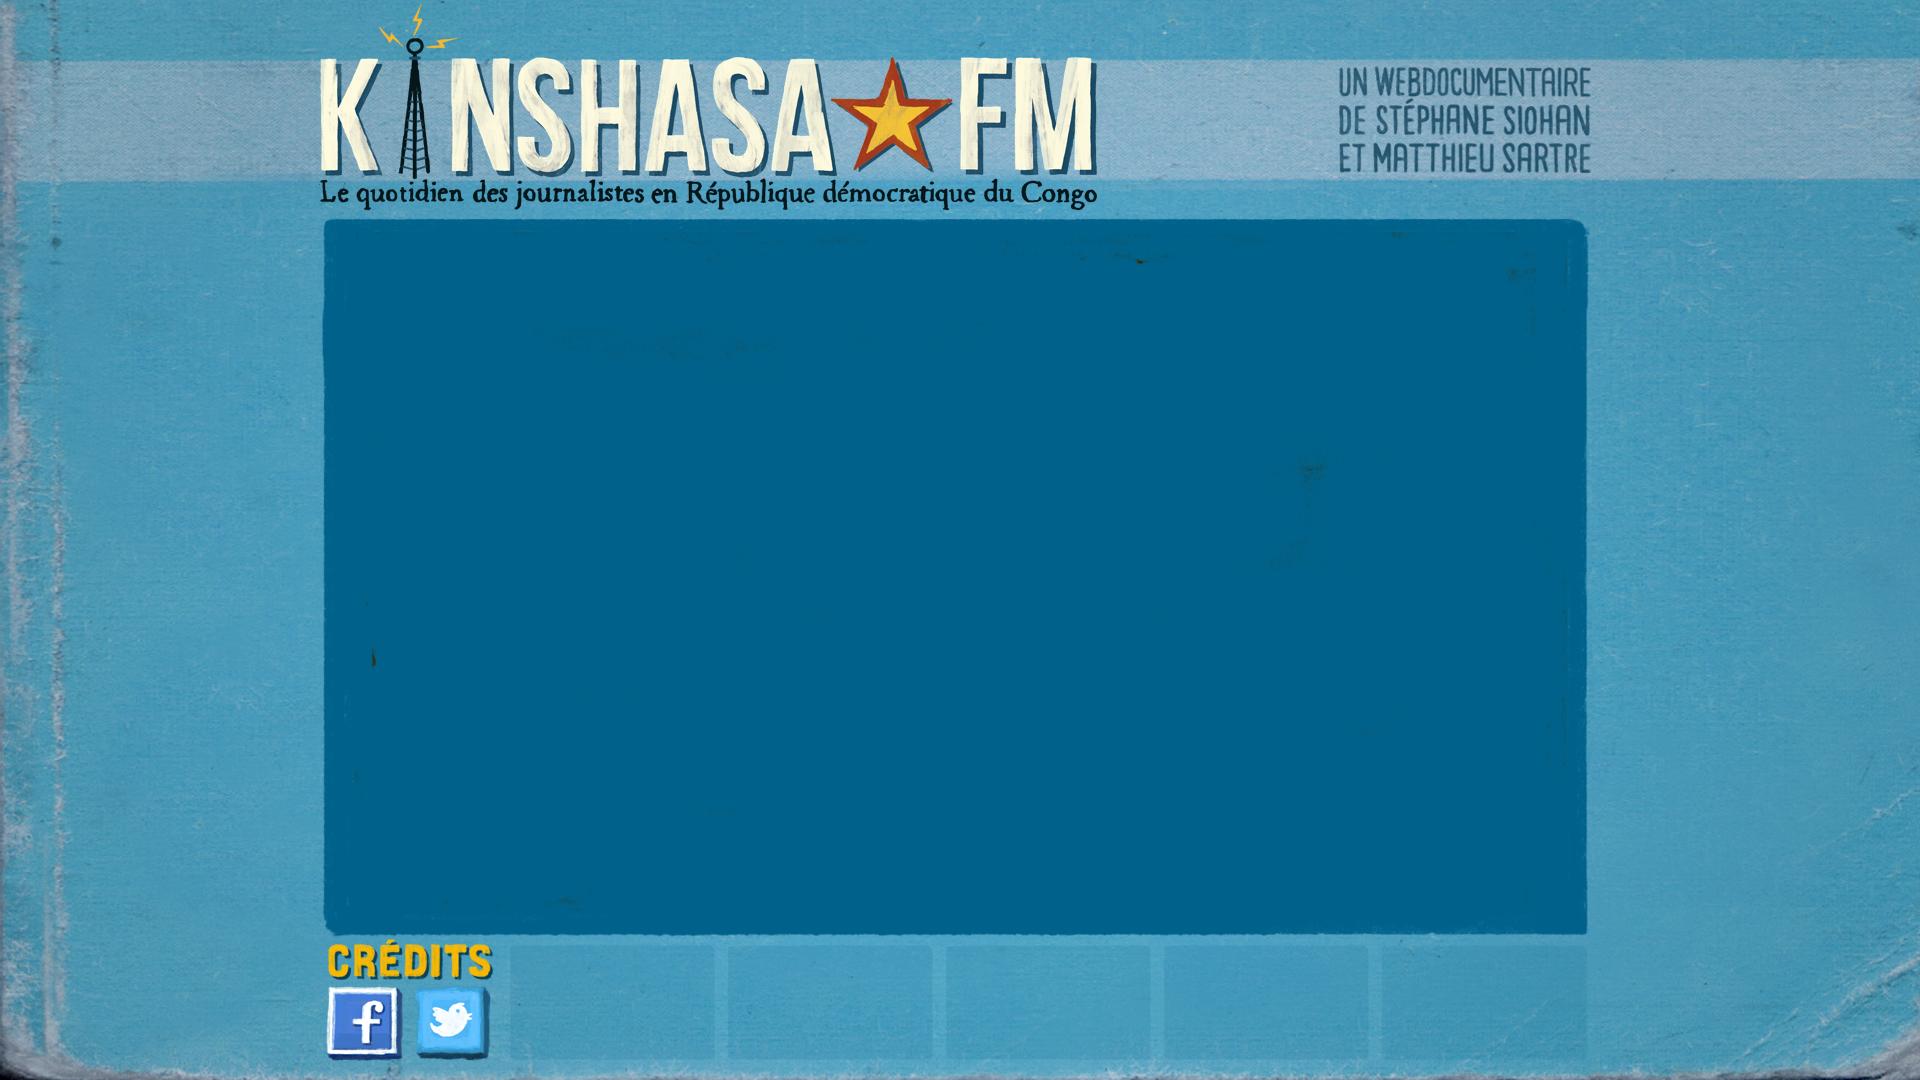 KINSHASA FM